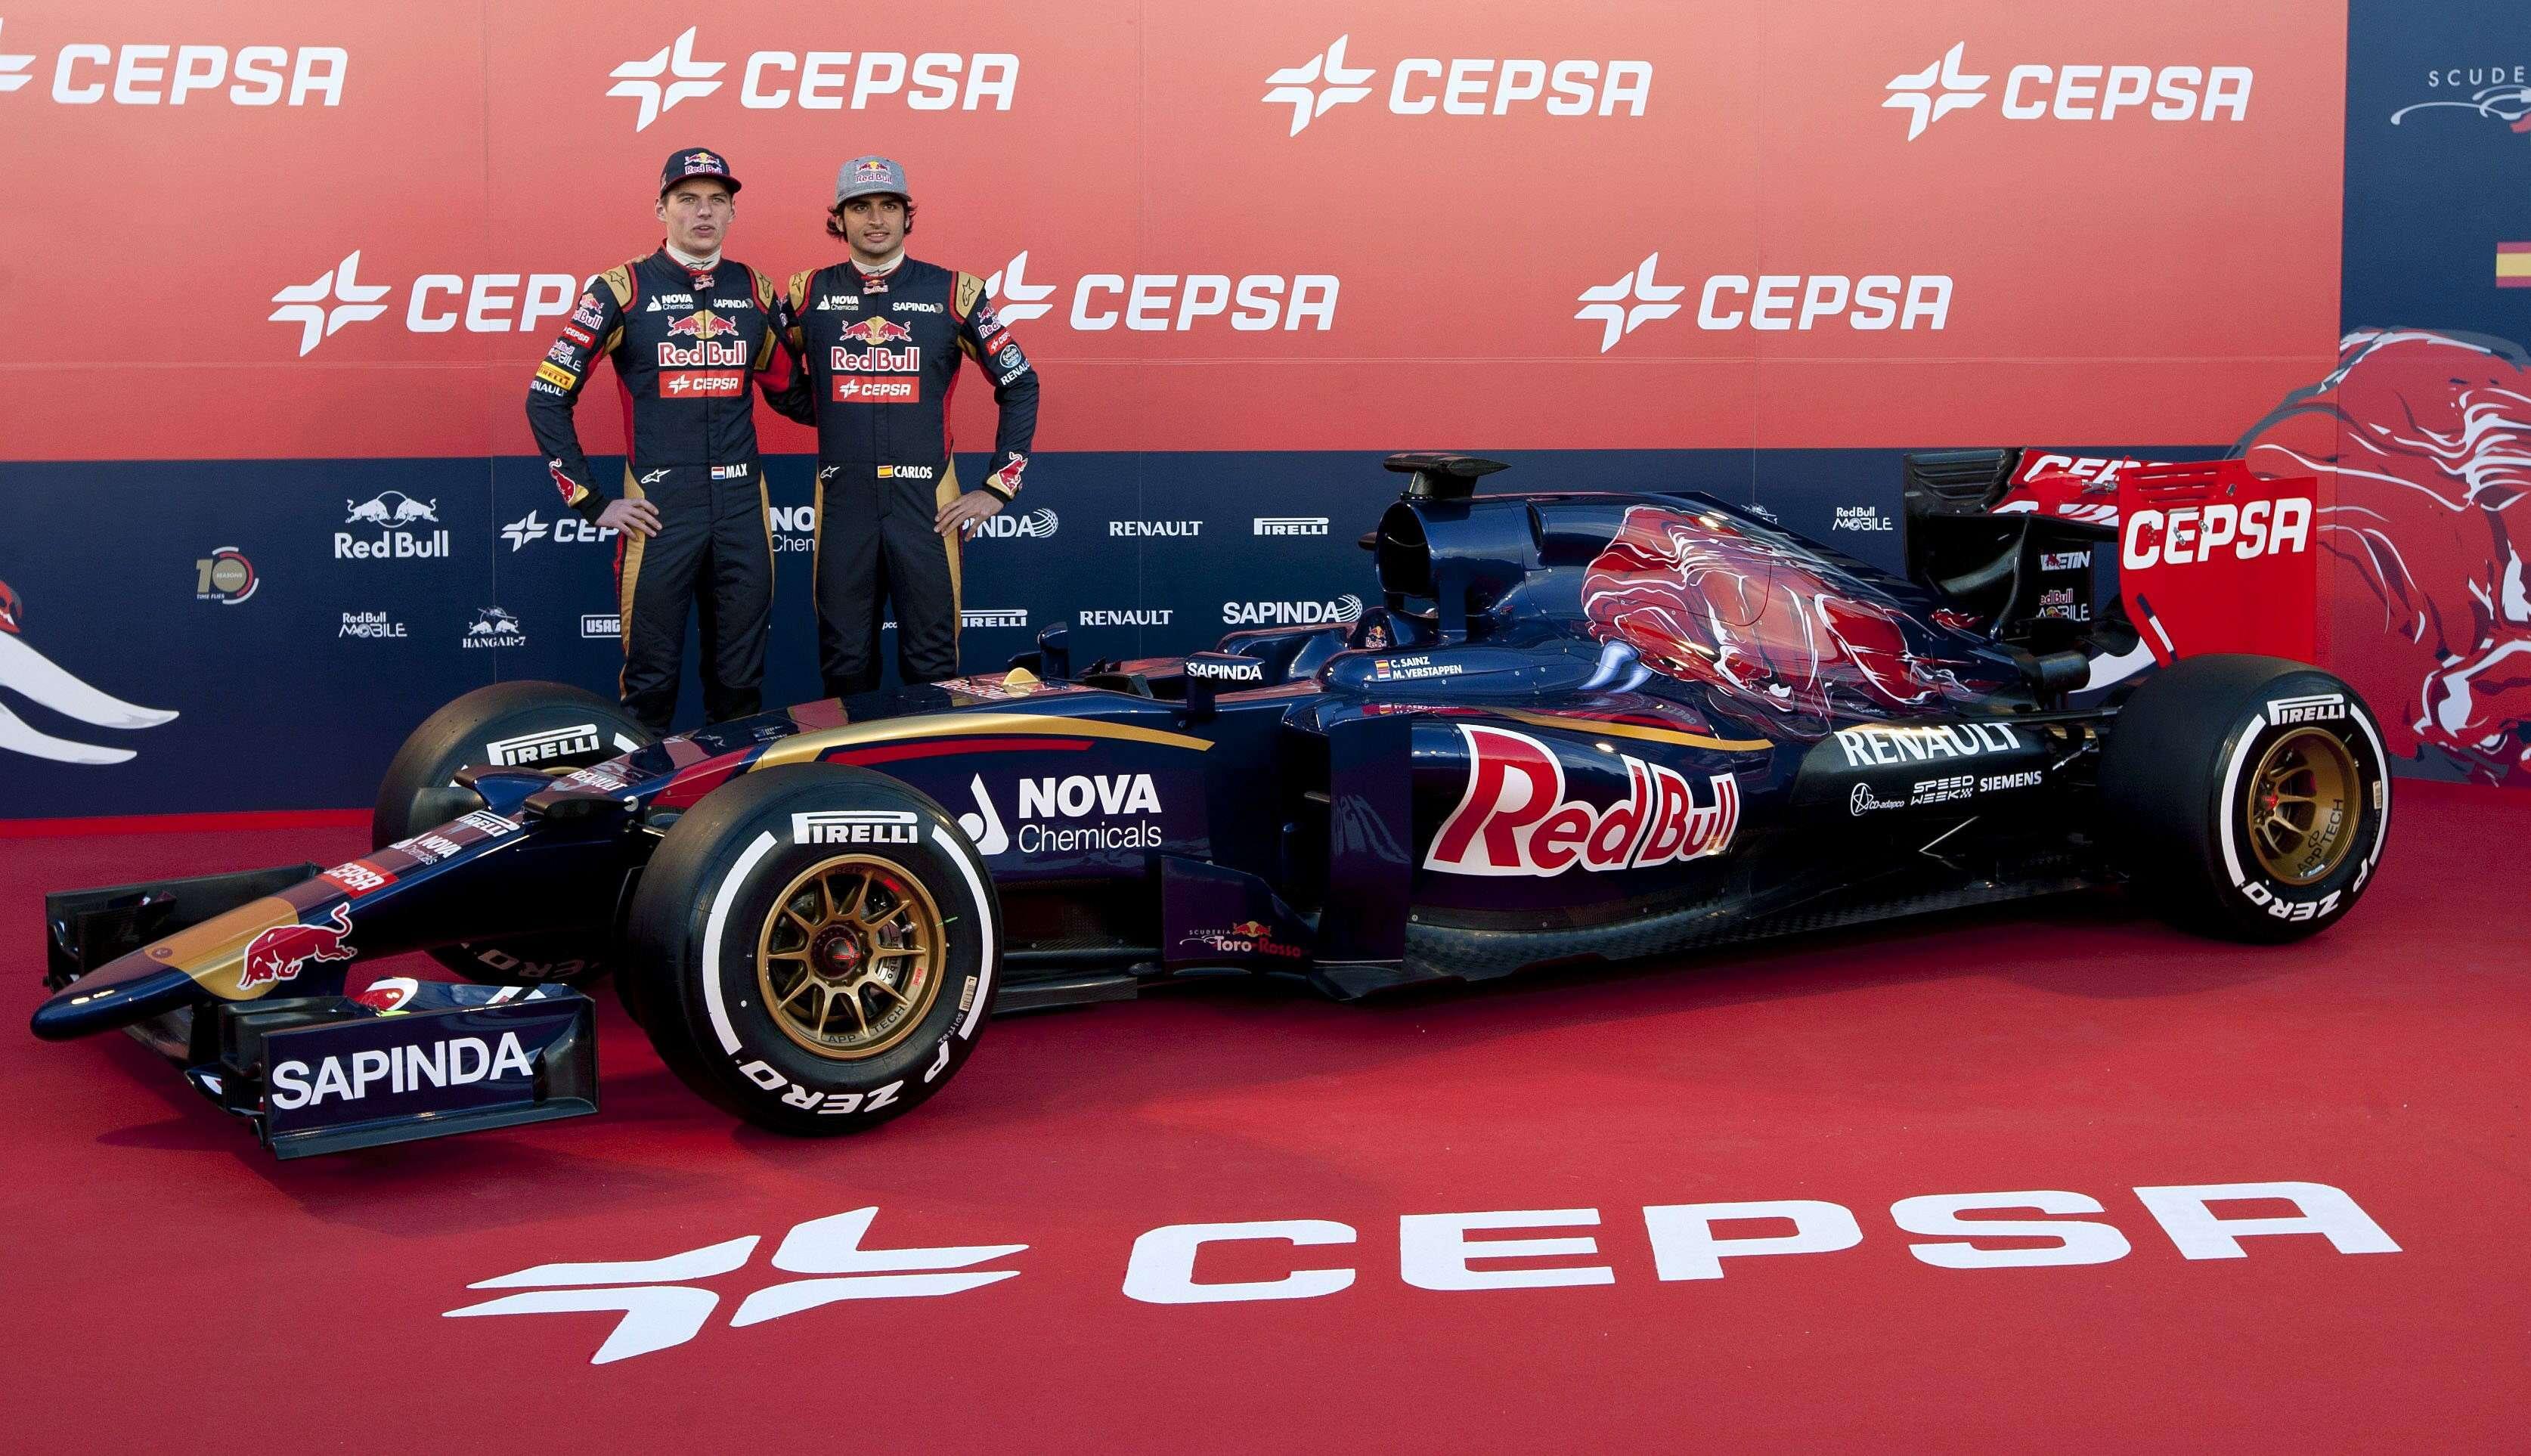 Presentación del Toro Rosso de 2015. Foto: EFE en español